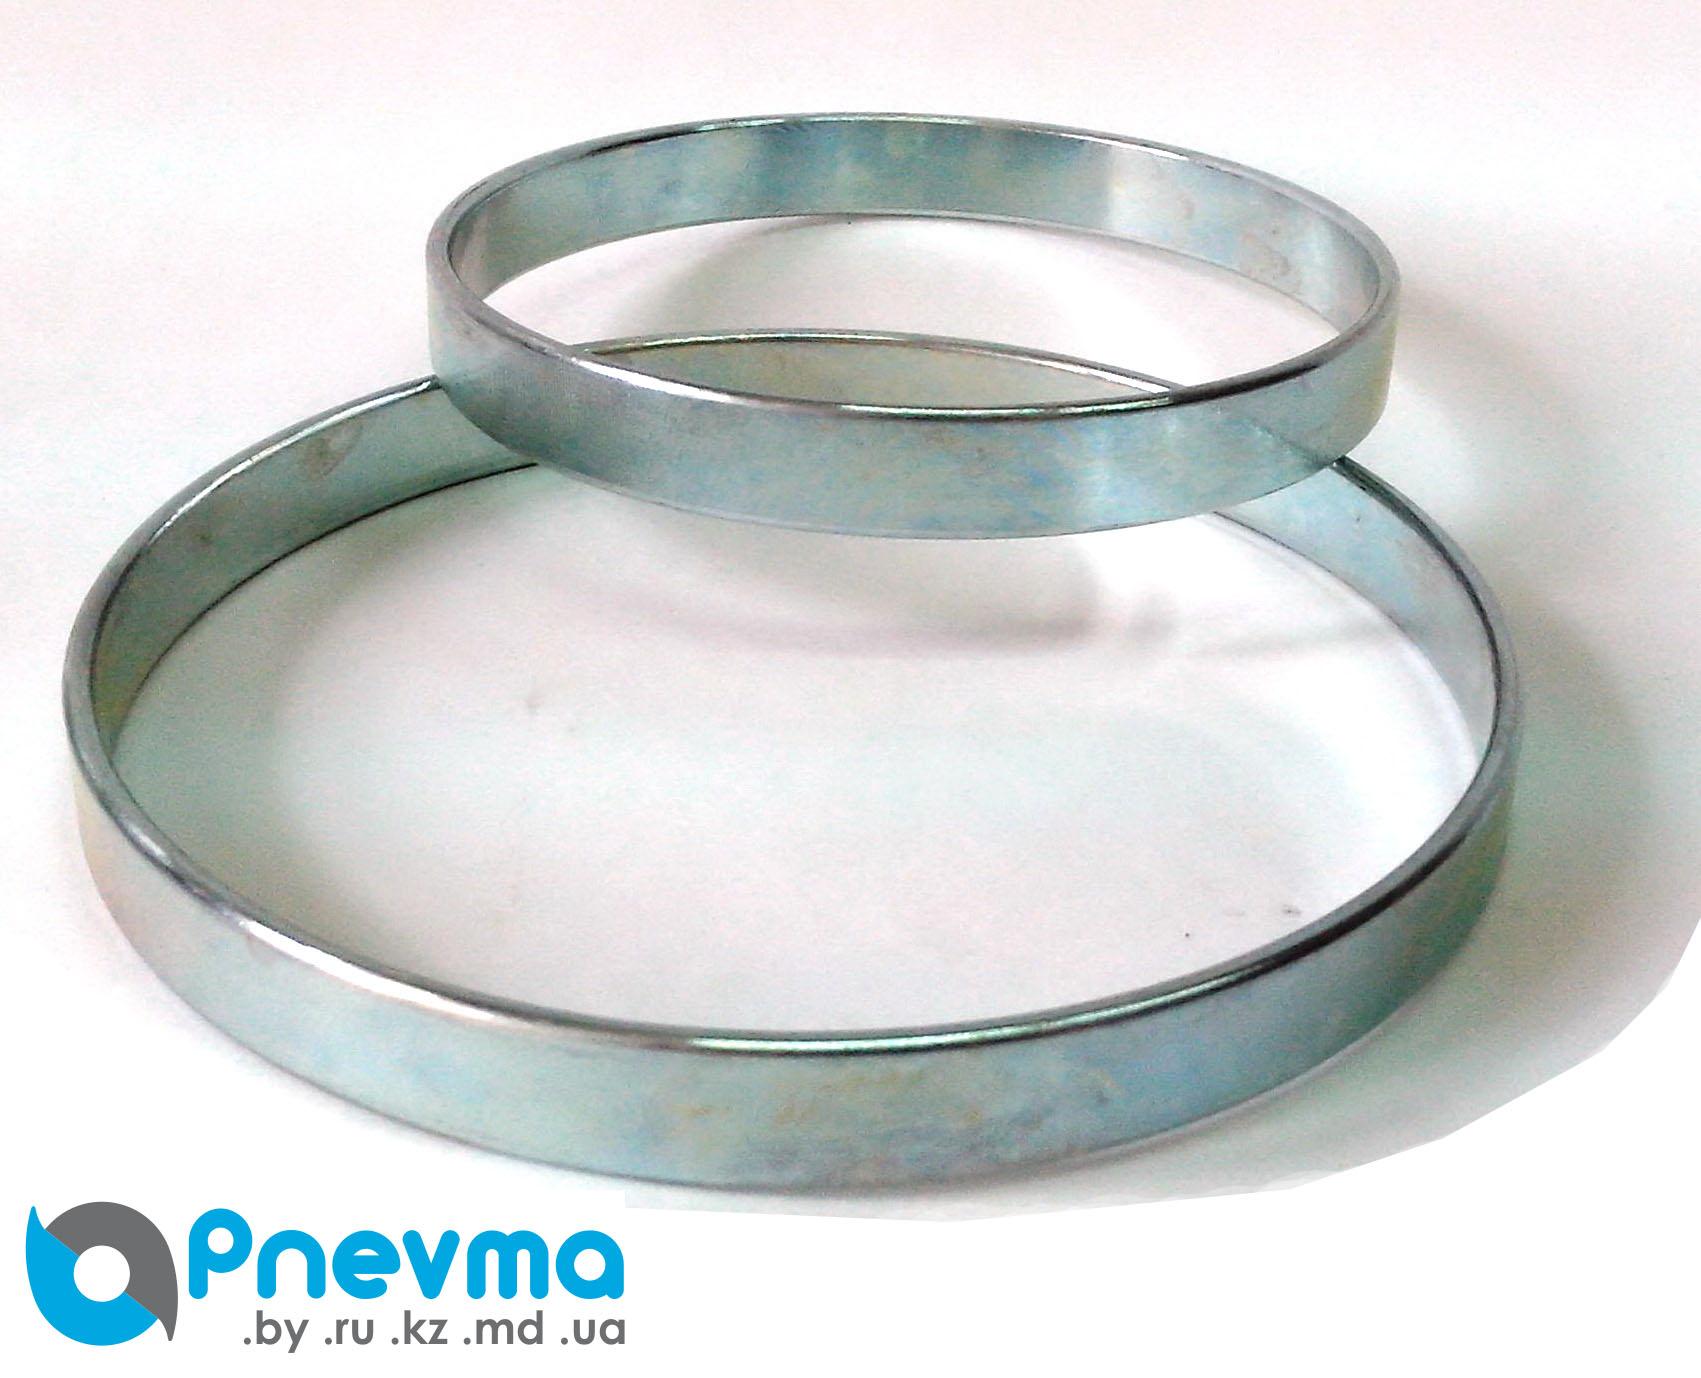 обжимное кольцо никилированное